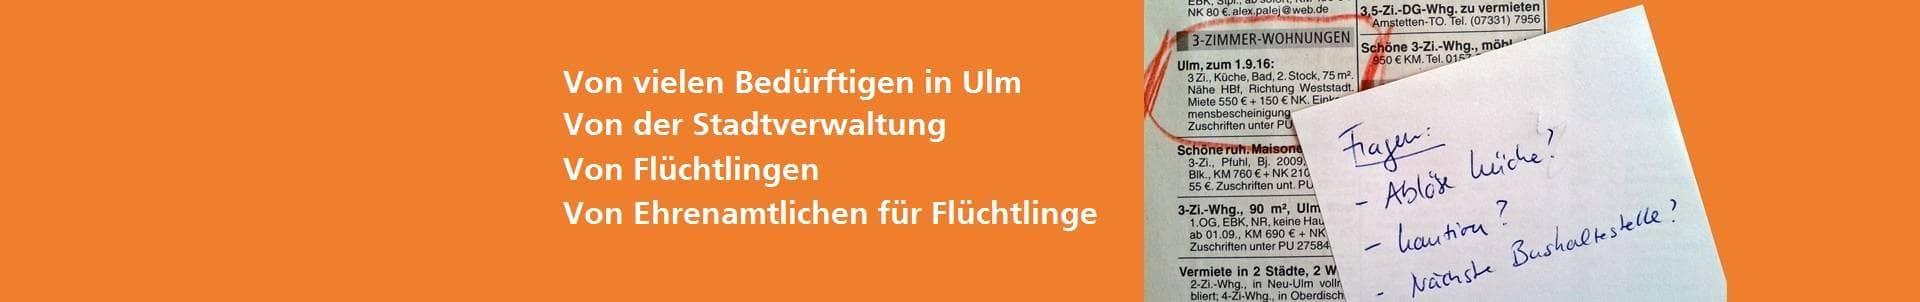 Stadt Ulm Wohnraum Gesucht